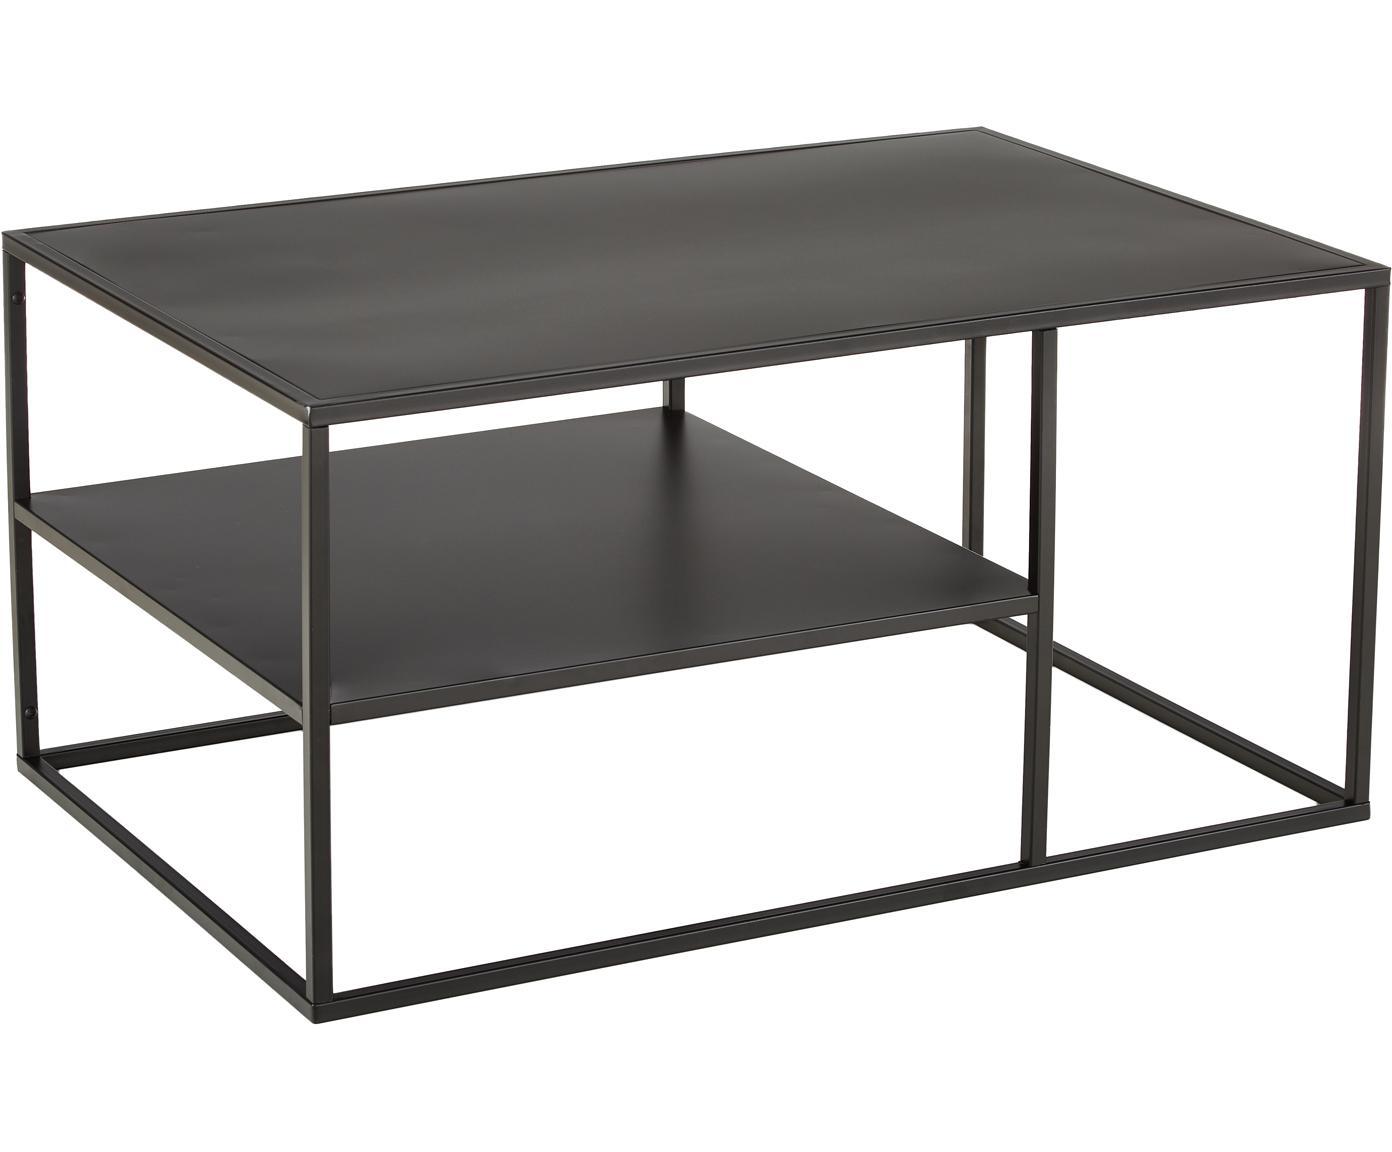 Tavolino da salotto con piano d'appoggio Newton, Metallo  verniciato a polvere, Nero, Larg. 90 x Prof. 60 cm